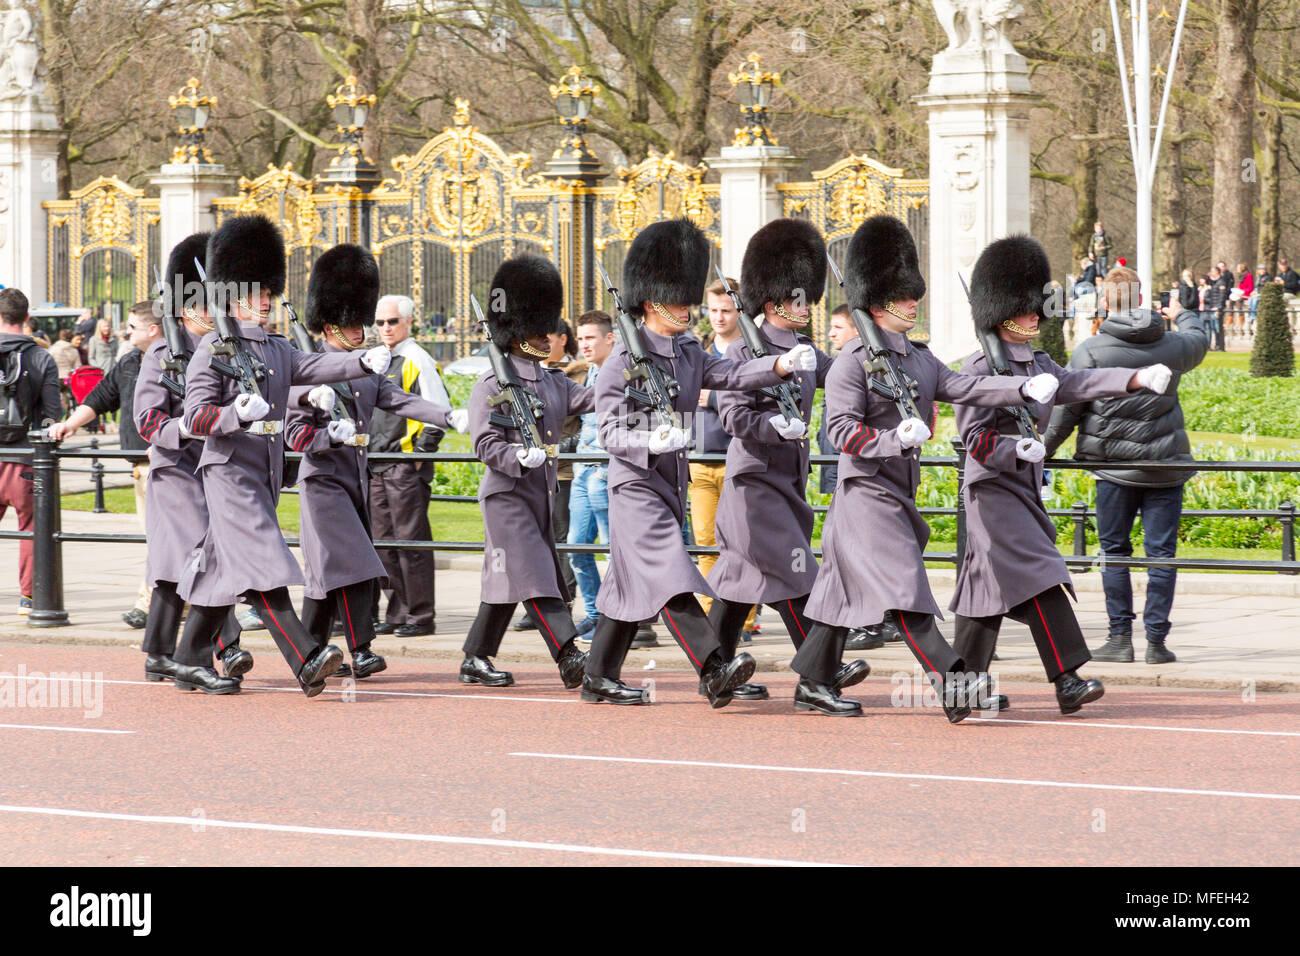 Londres, Royaume-Uni - 27 mars 2015: Des soldats en uniforme de cérémonie gris mars pas de Buckingham Palace. Banque D'Images